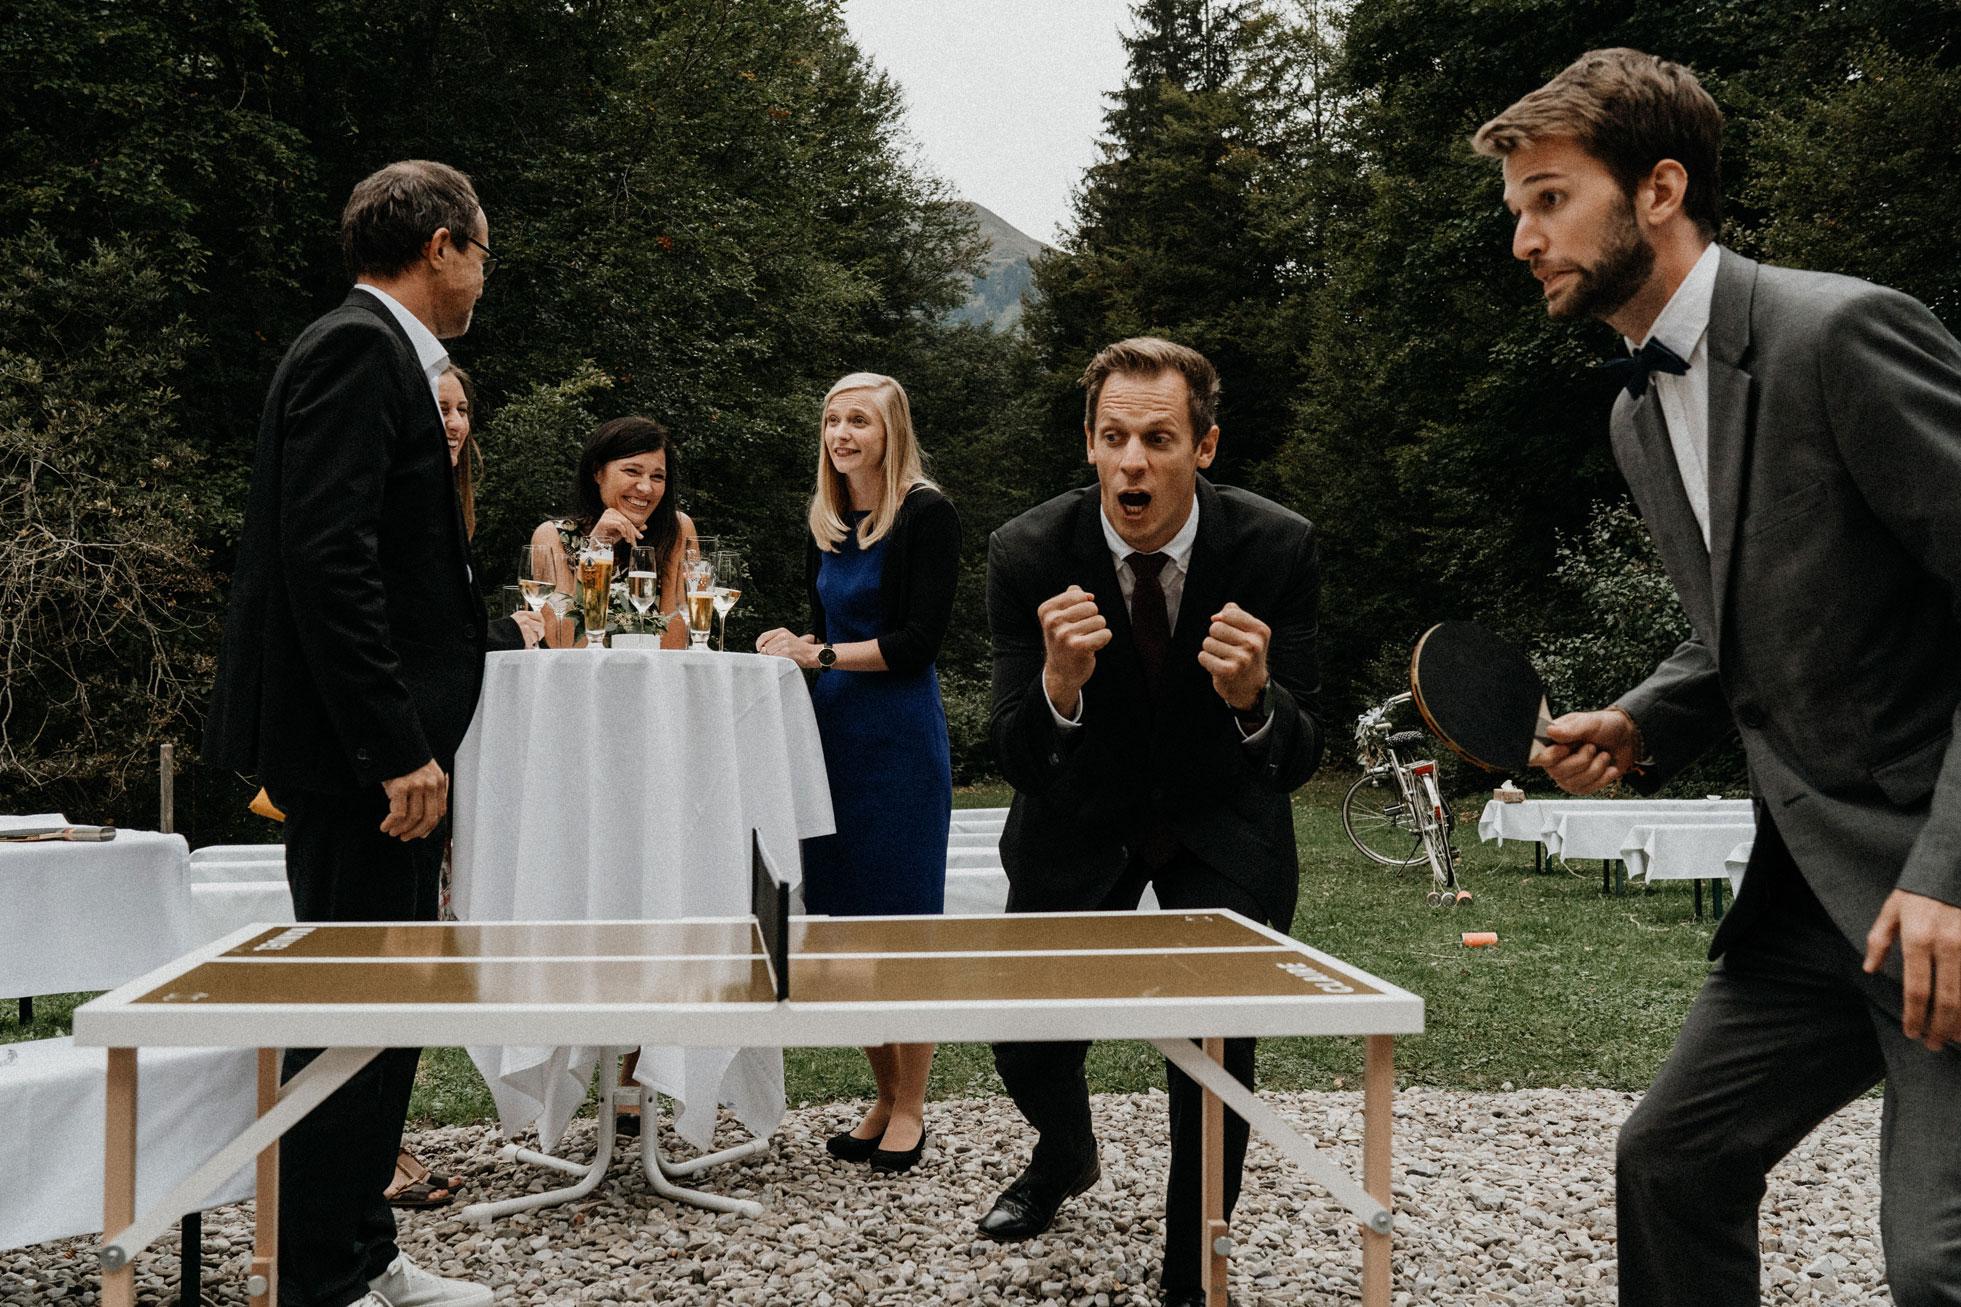 Hochzeit_Claire_Manuel_Villa_Maund_Daniel_Jenny-415.jpg